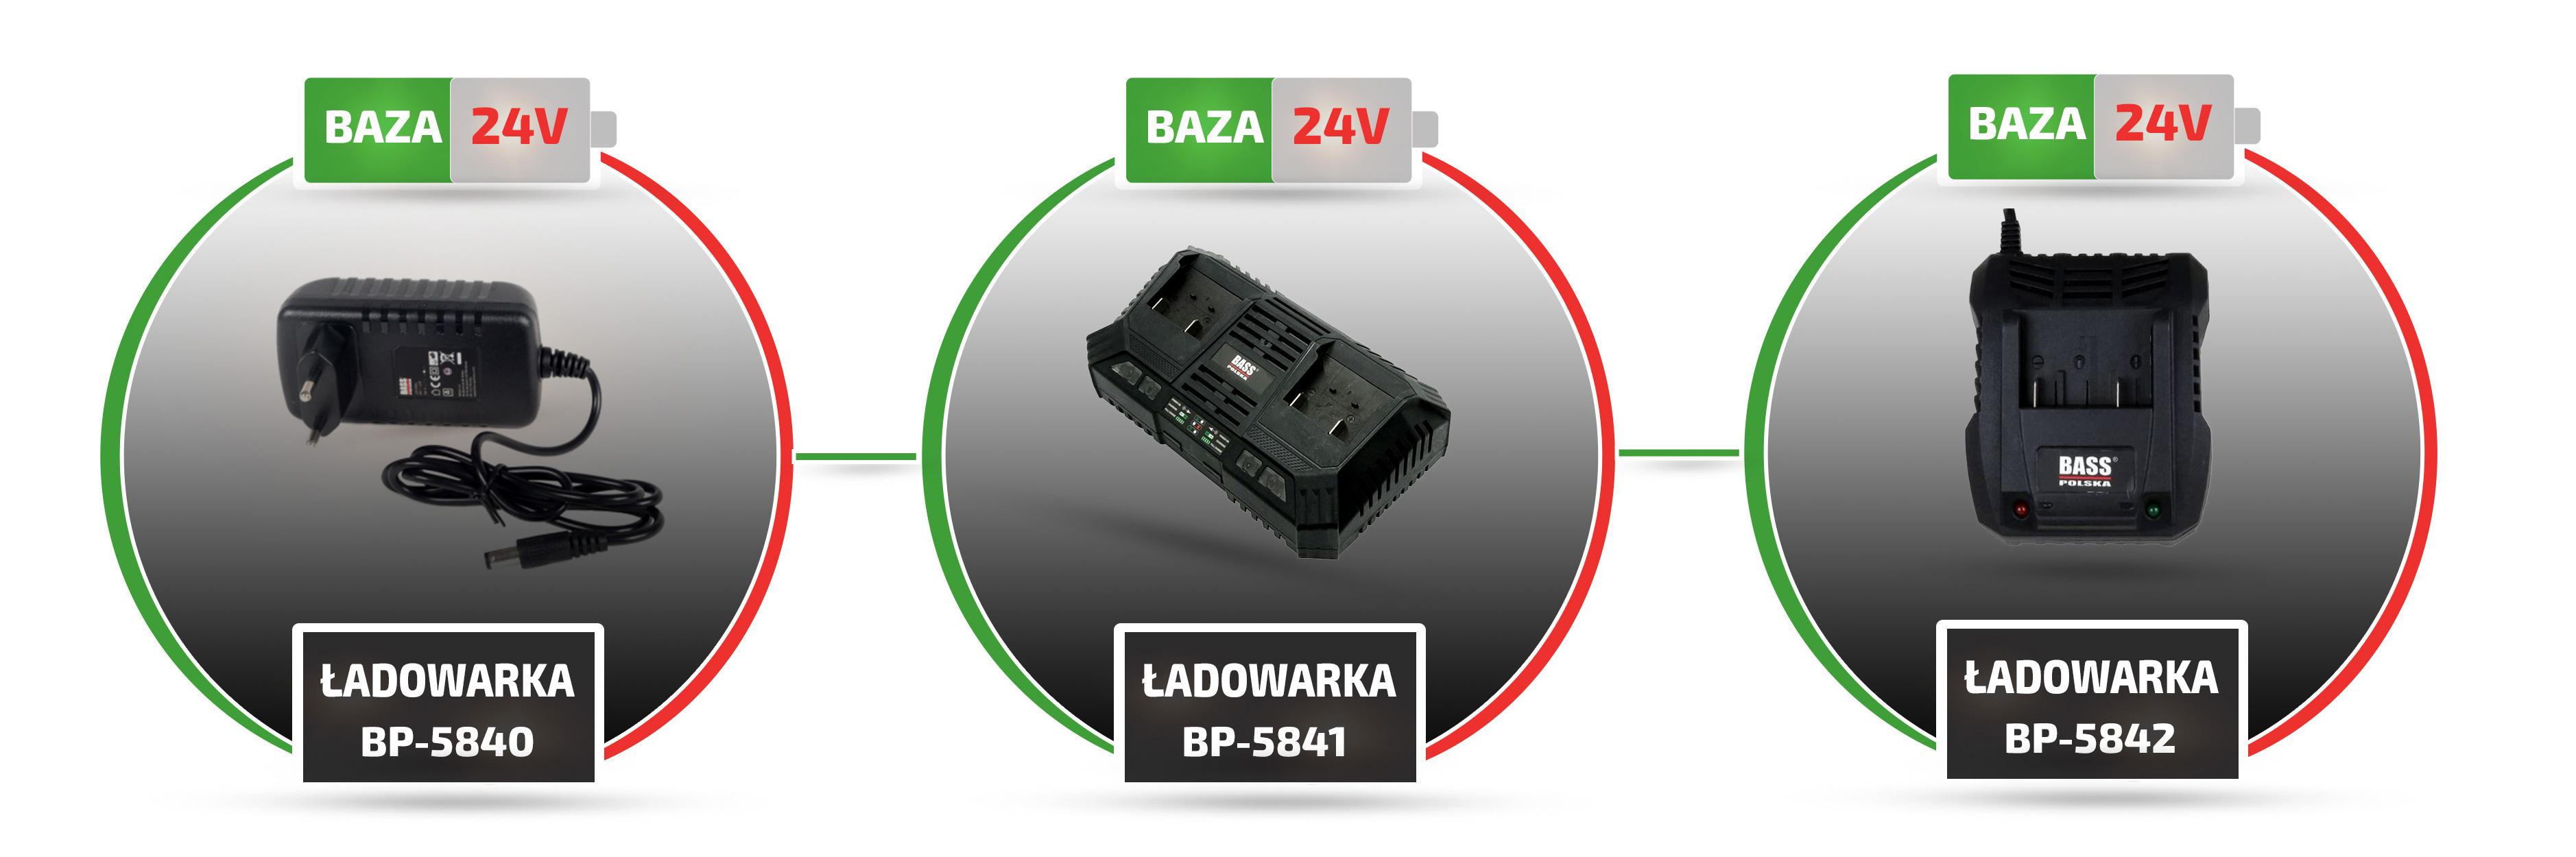 Ładowarki do akumulatorów narzędzi 24V